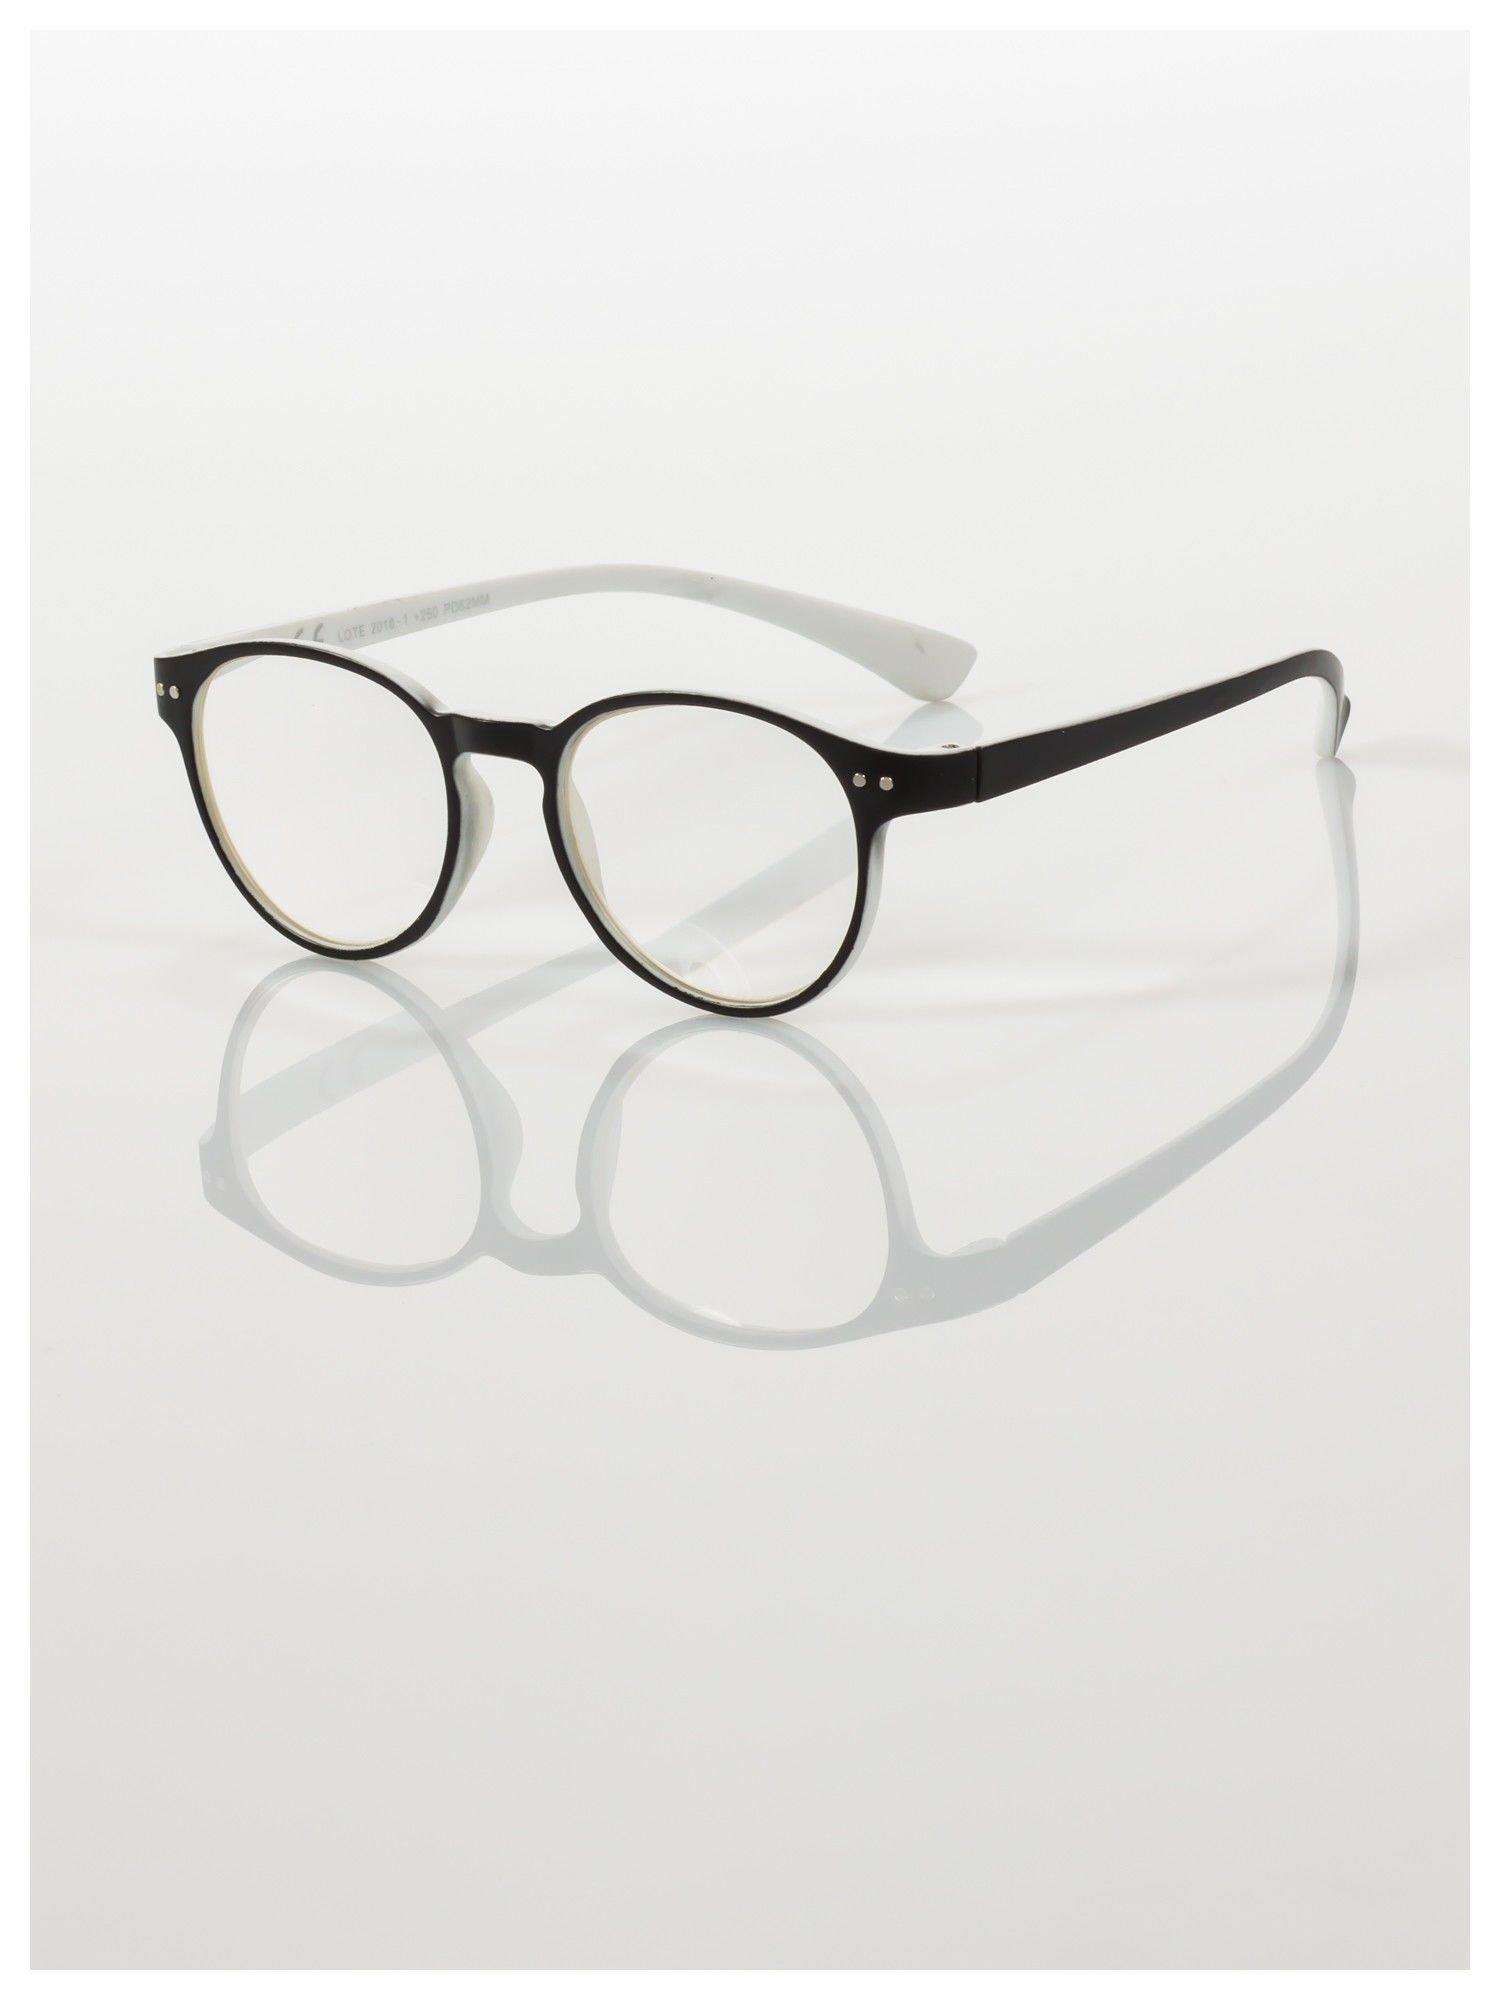 Okulary korekcyjne  +2.5 D dwukolorowe ,do czytania, stylizowane na RAY BAN +GRATIS PLASTIKOWE ETUI I ŚCIERECZKA Z MIKROFIBRY                                  zdj.                                  1